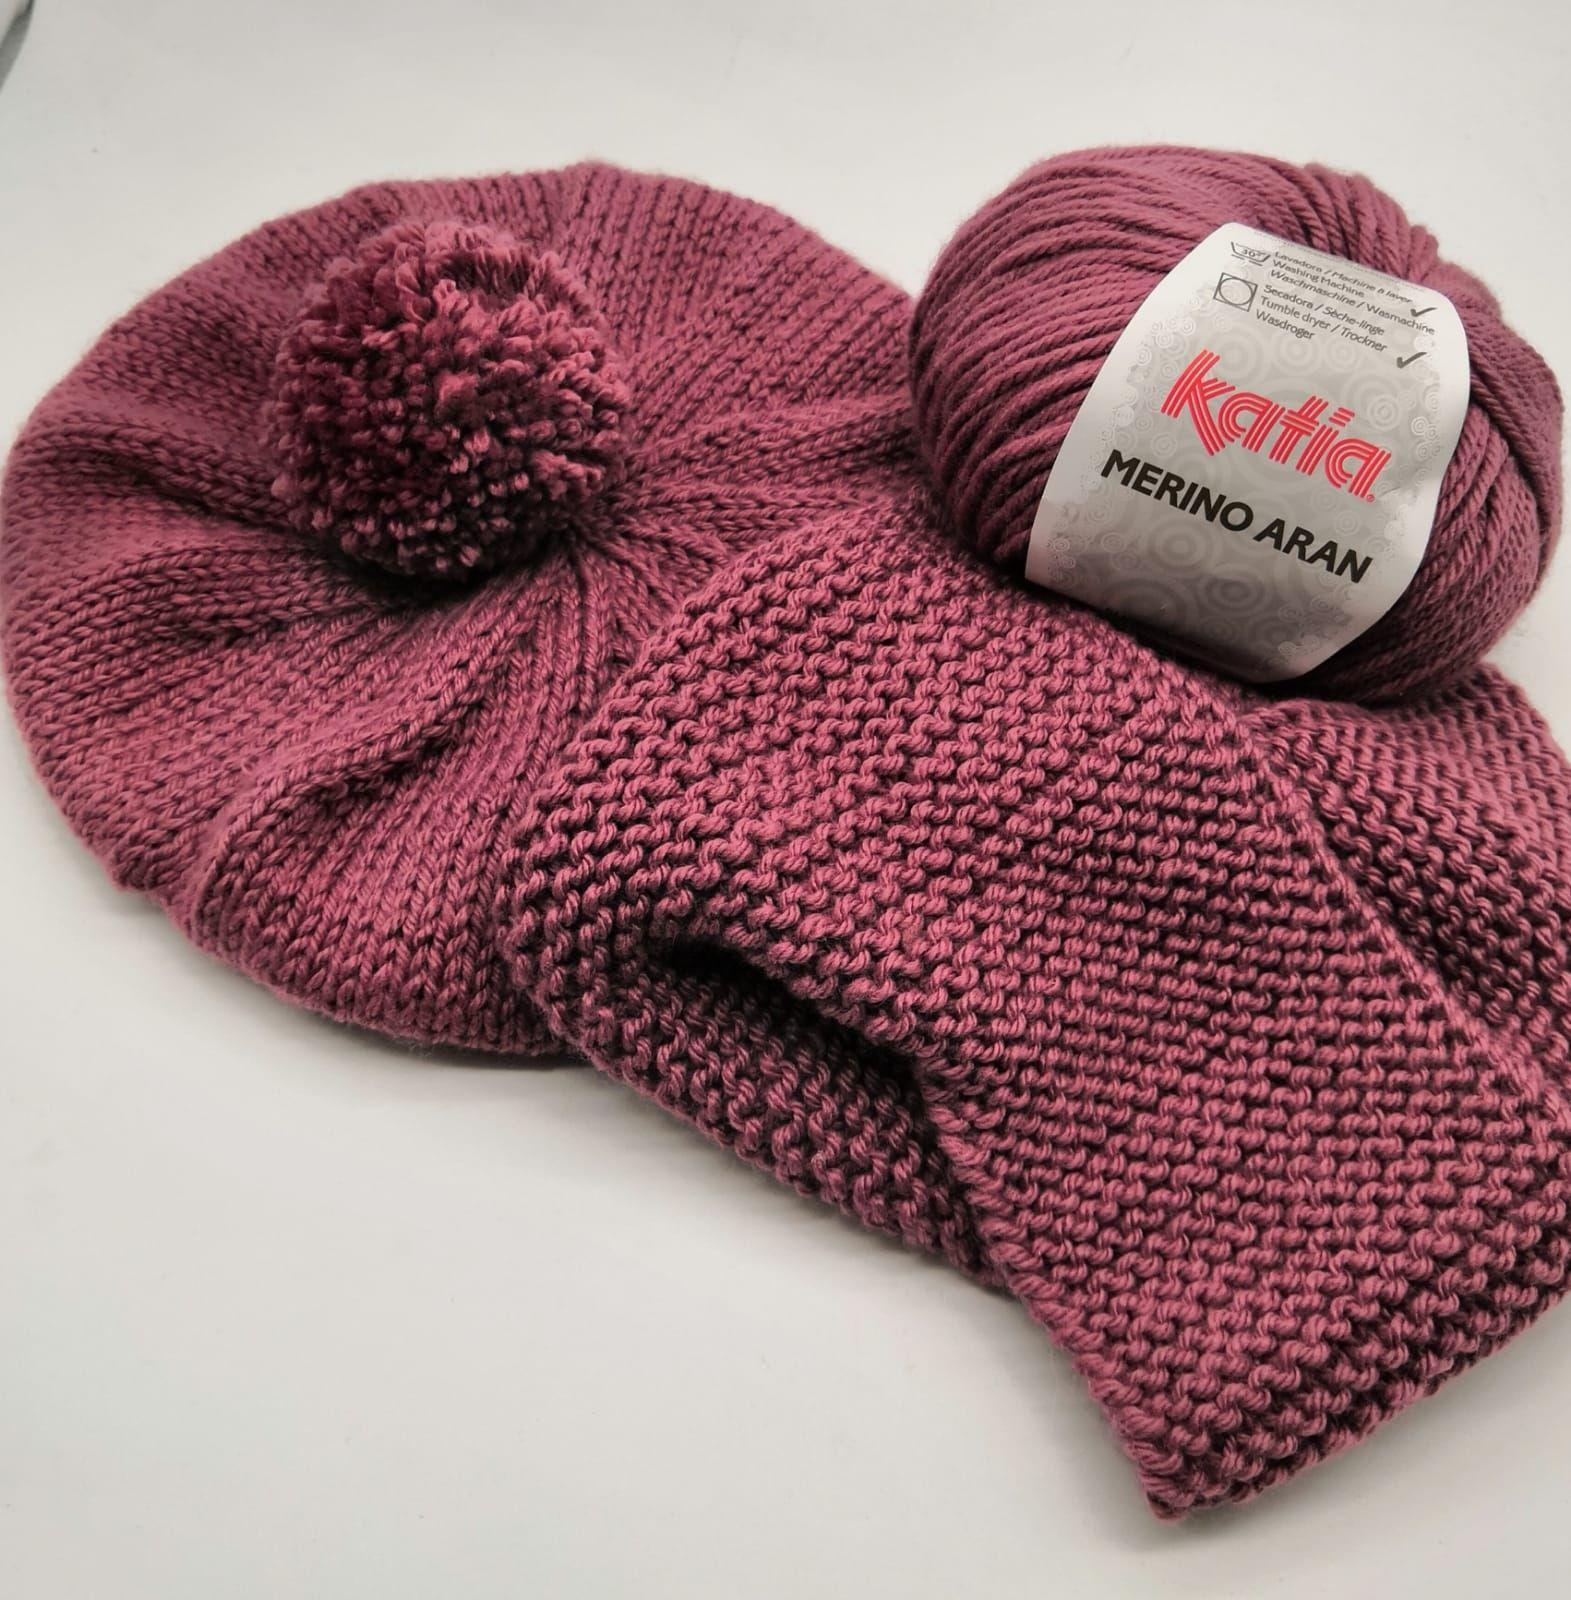 lobo cubo barato  Conjunto cuello y boina para niña 10 años - Costurea Blog | Boinas para  niñas, Boinas de lana, Gorros de lana